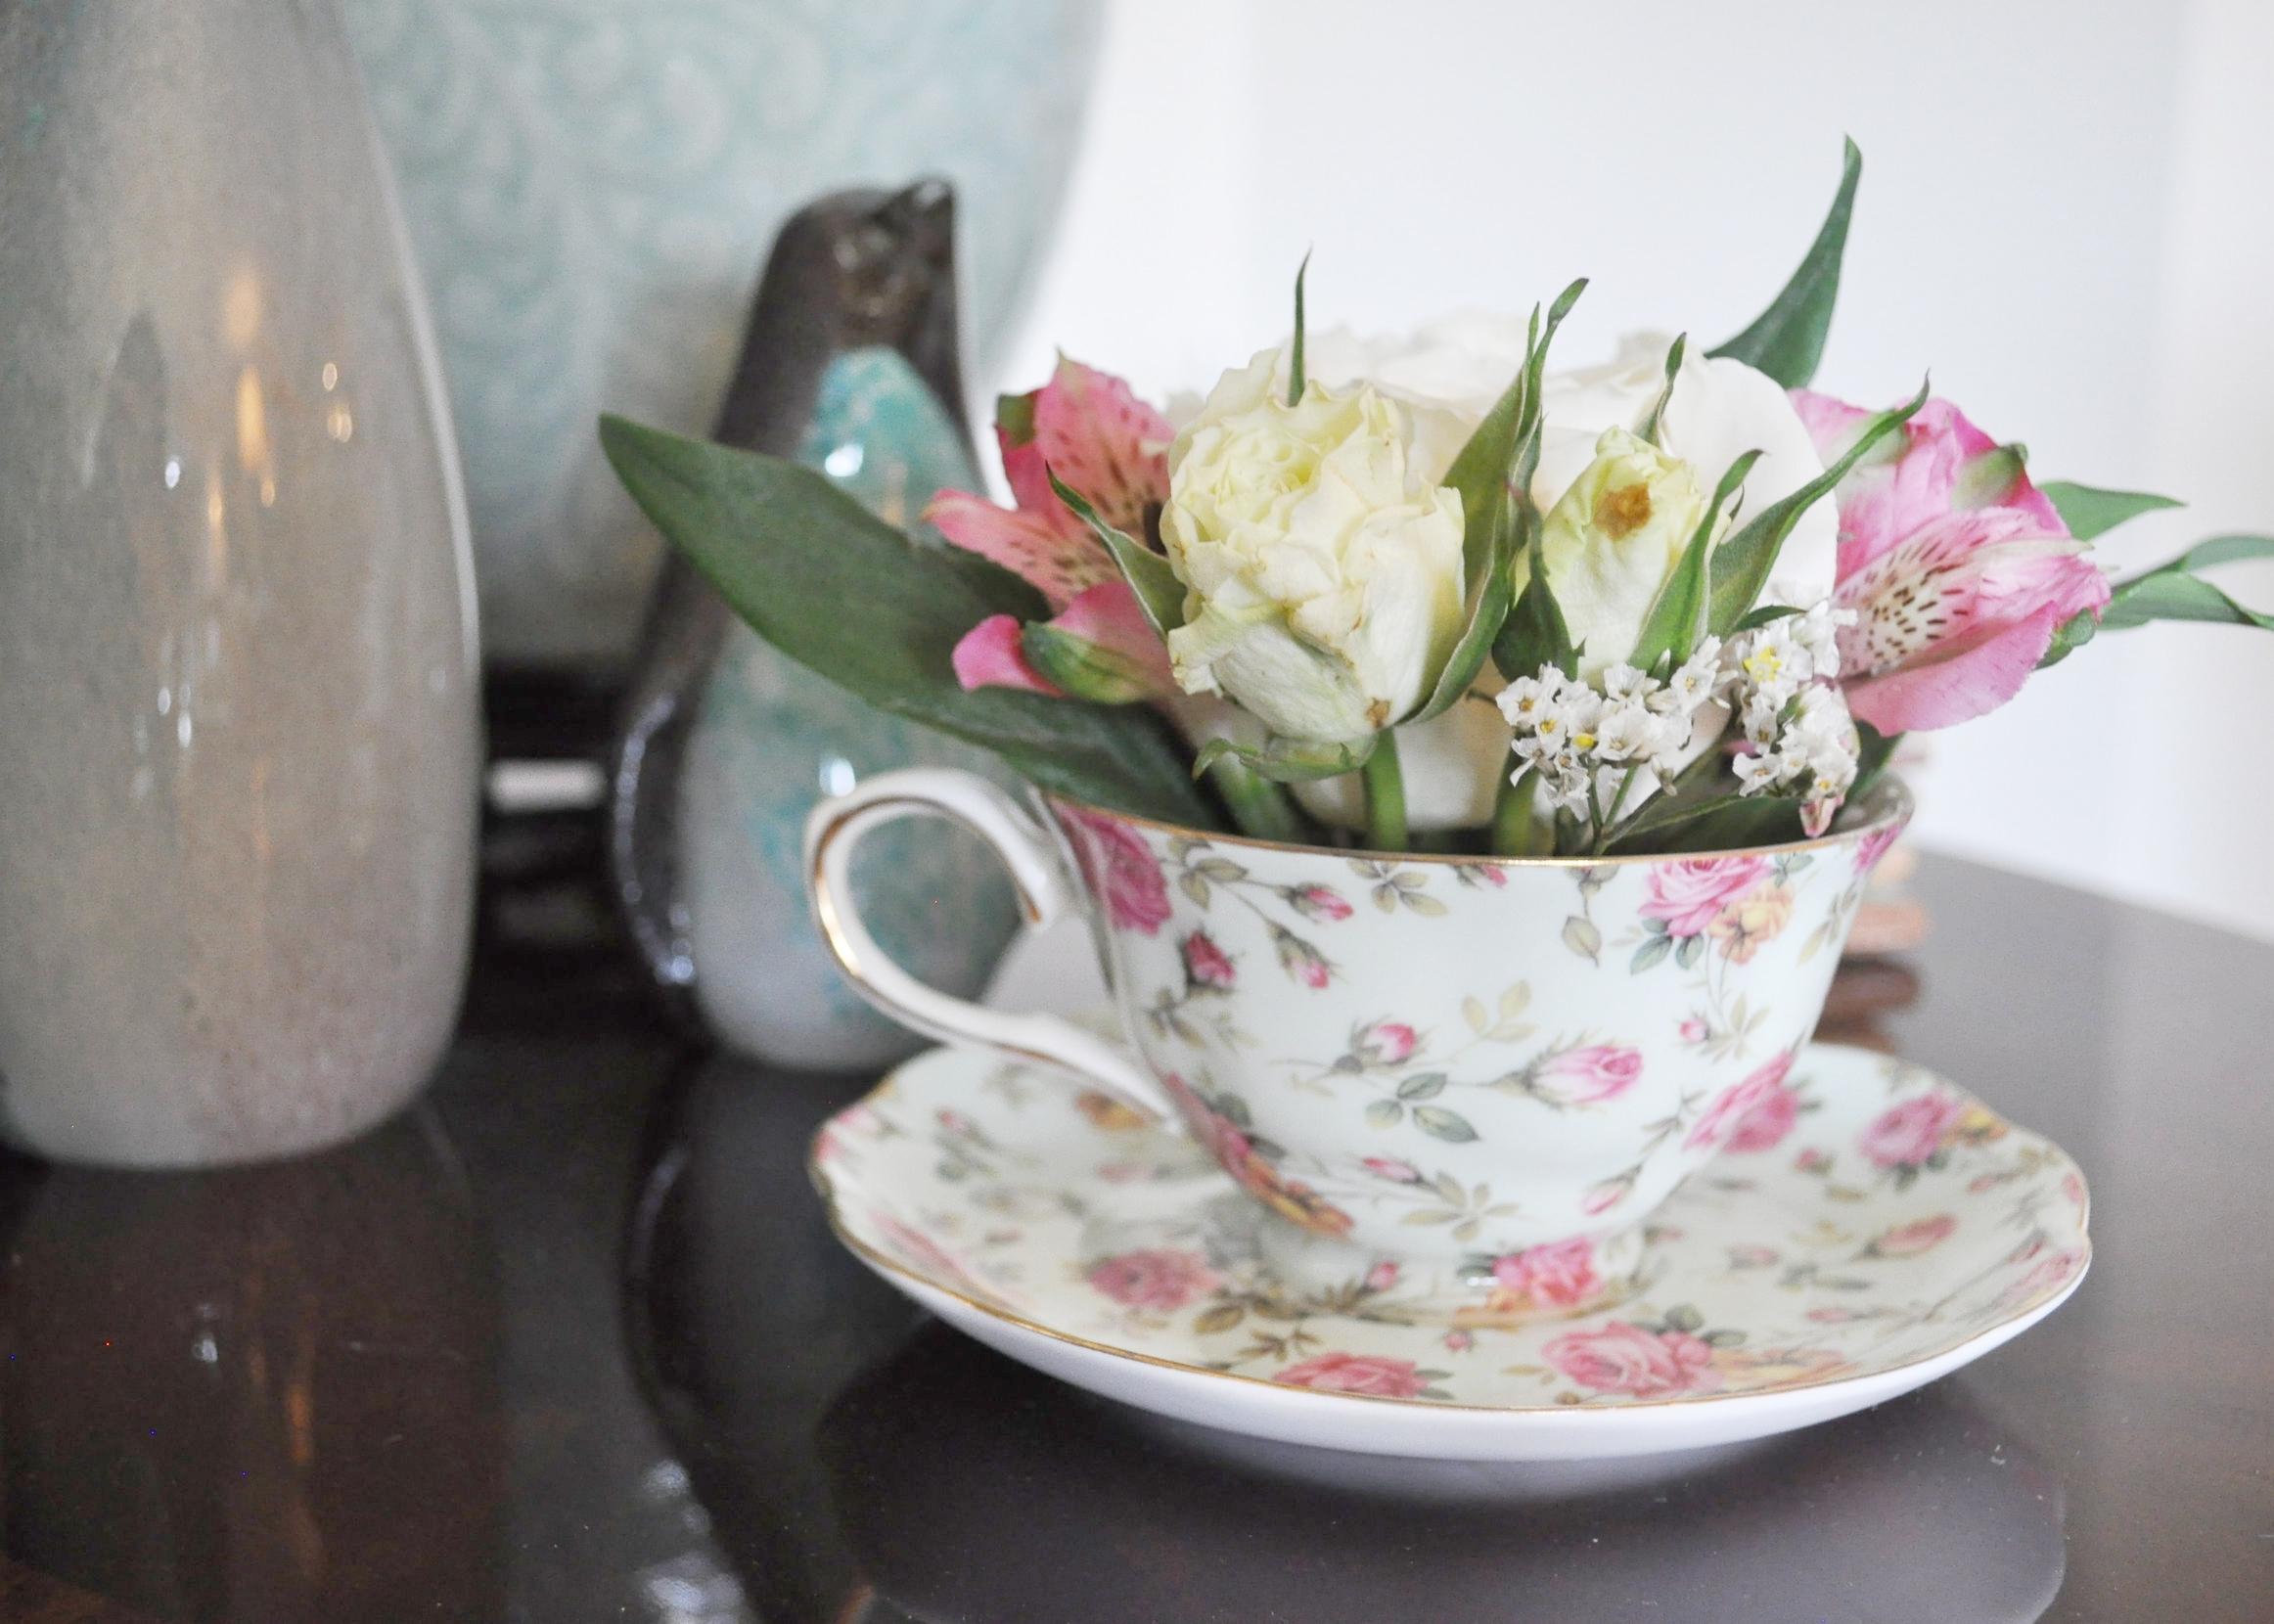 Tea Party floral arangement.